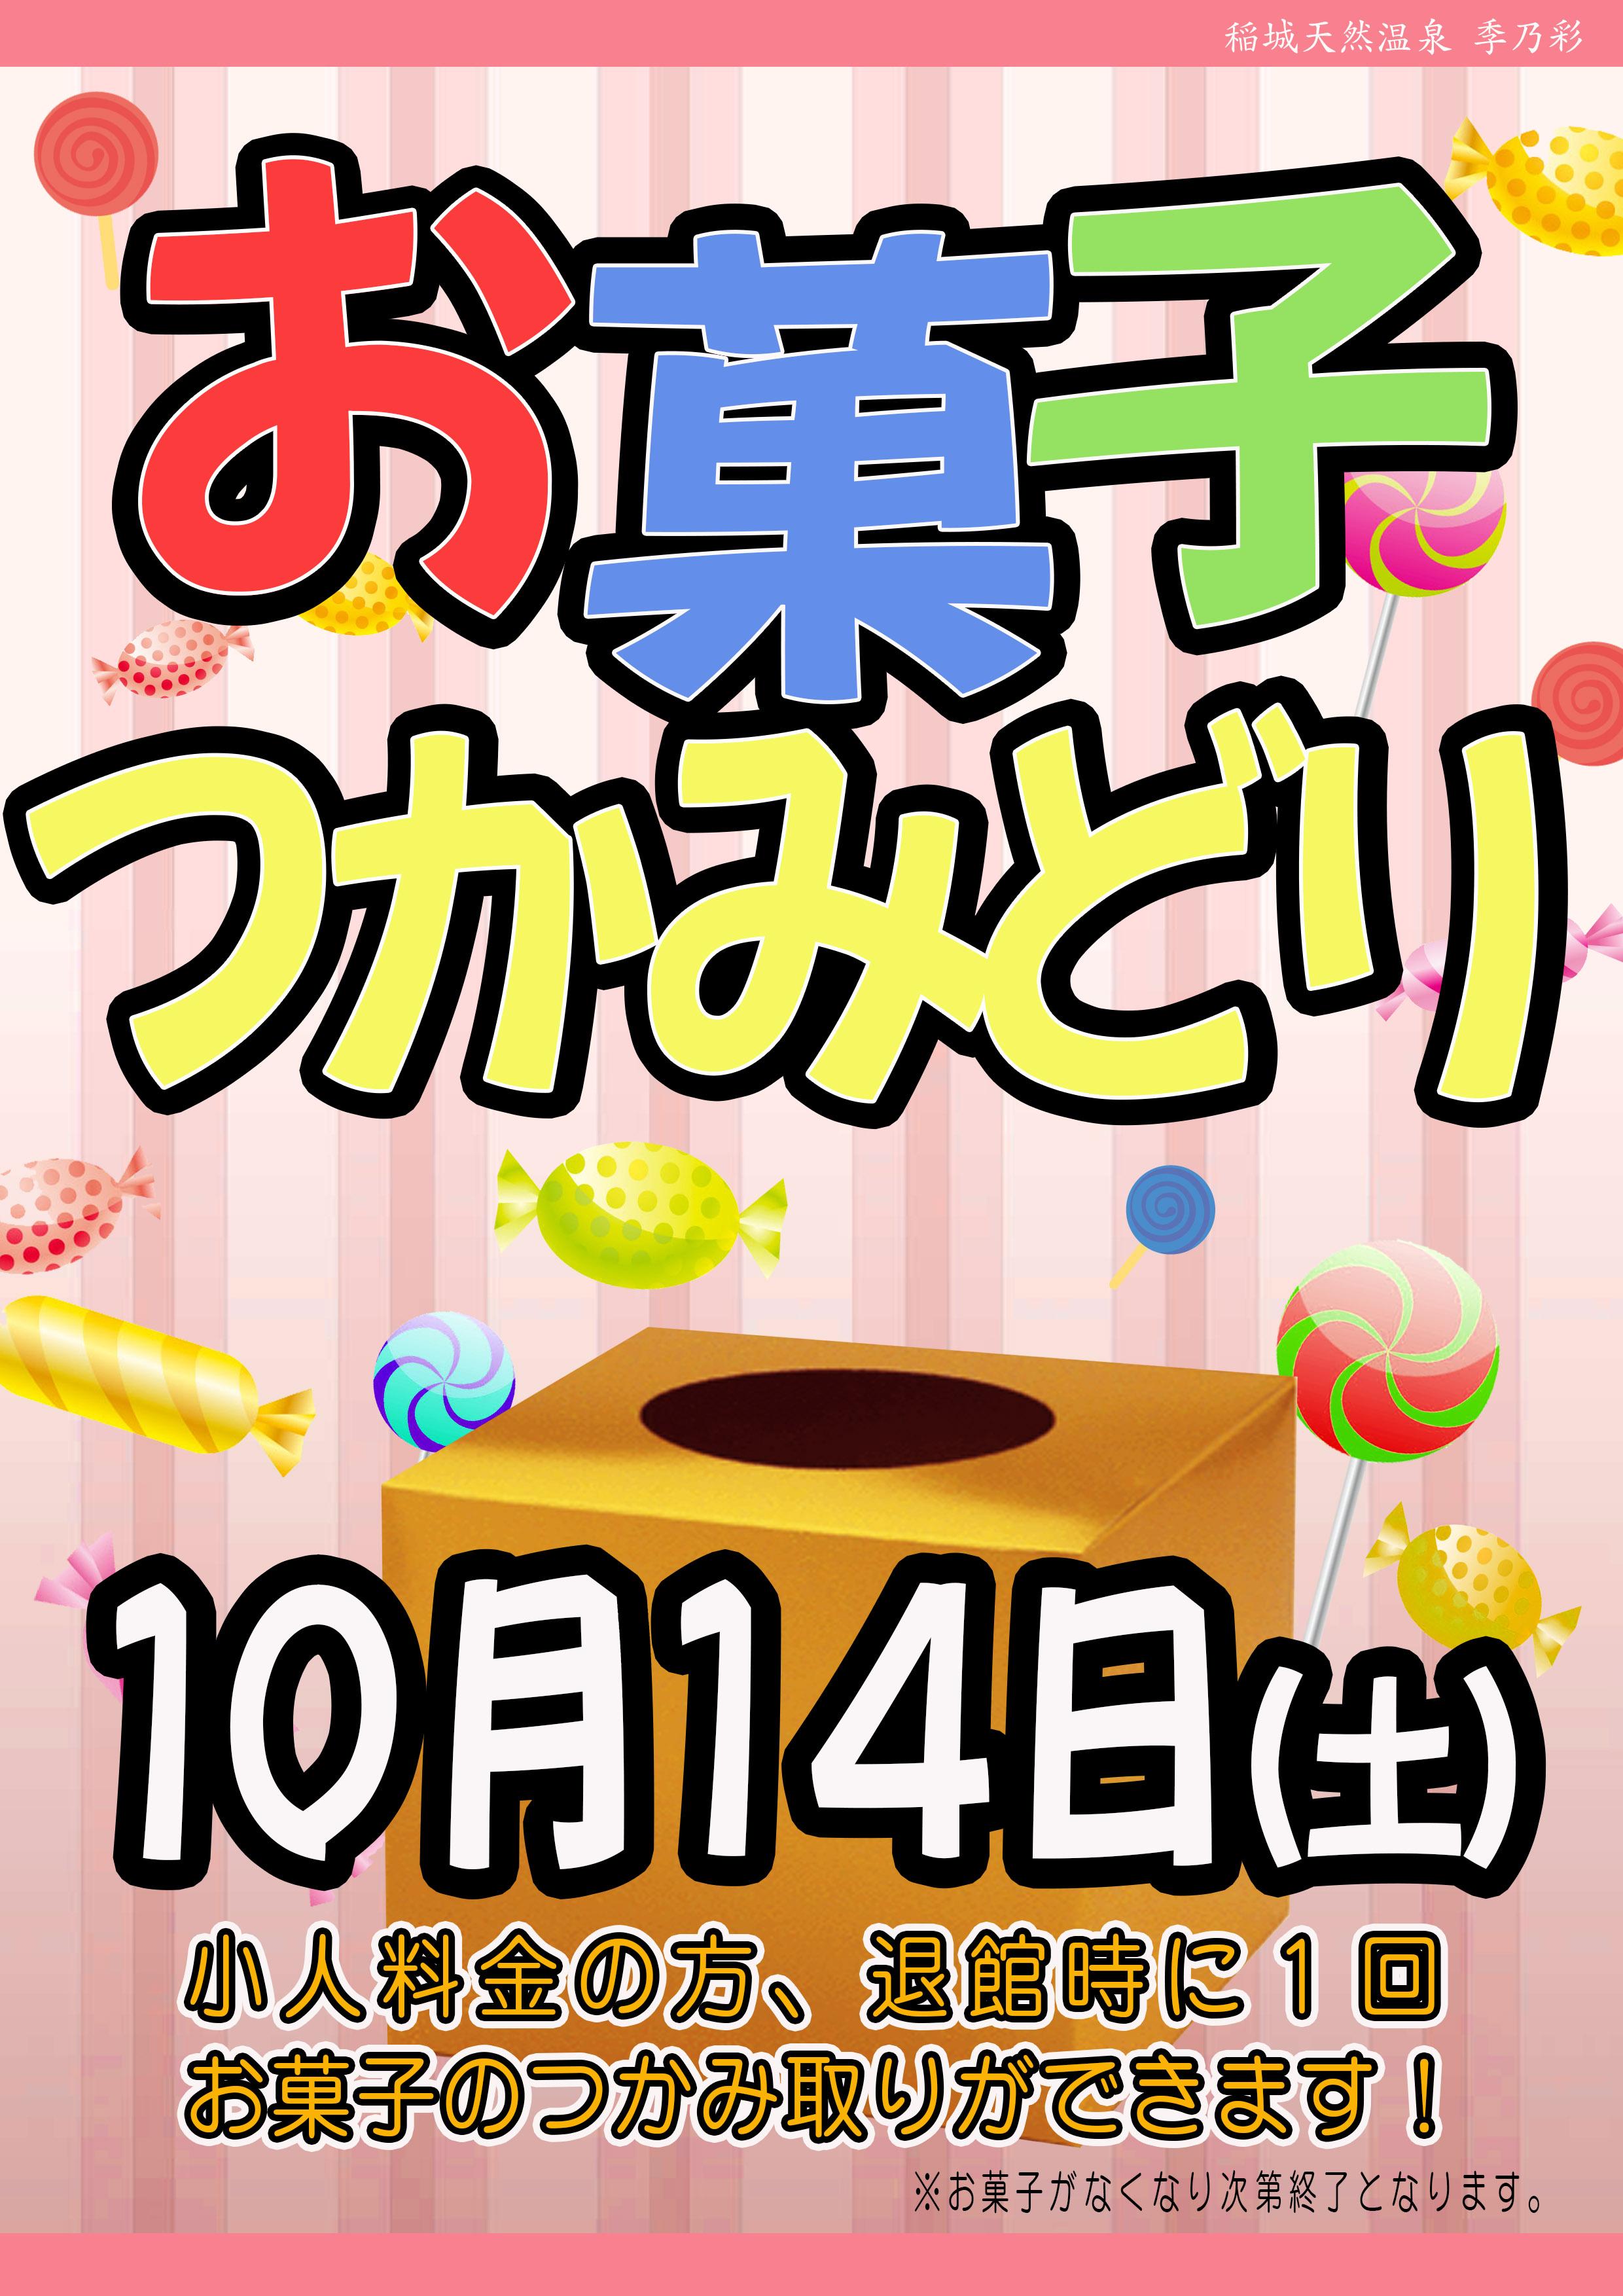 20171014POP イベント お菓子つかみ取り ピンク